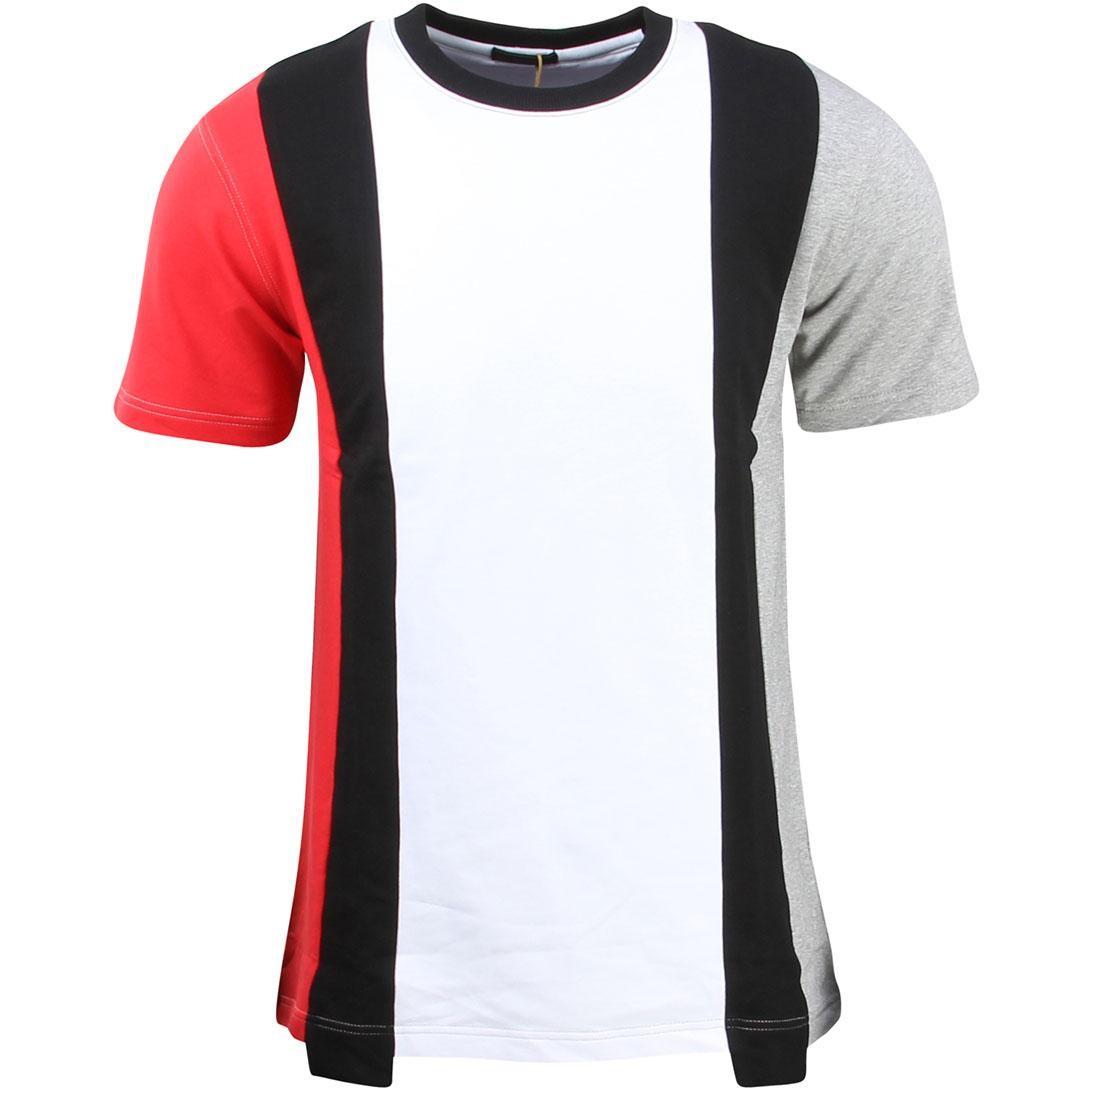 ニット Tシャツ 黒 ブラック 赤 レッド メンズファッション トップス カットソー メンズ 【 Unyforme Men Moore Knit Tee (white / Black / Red / Gray) 】 White / Black / Red / Gray